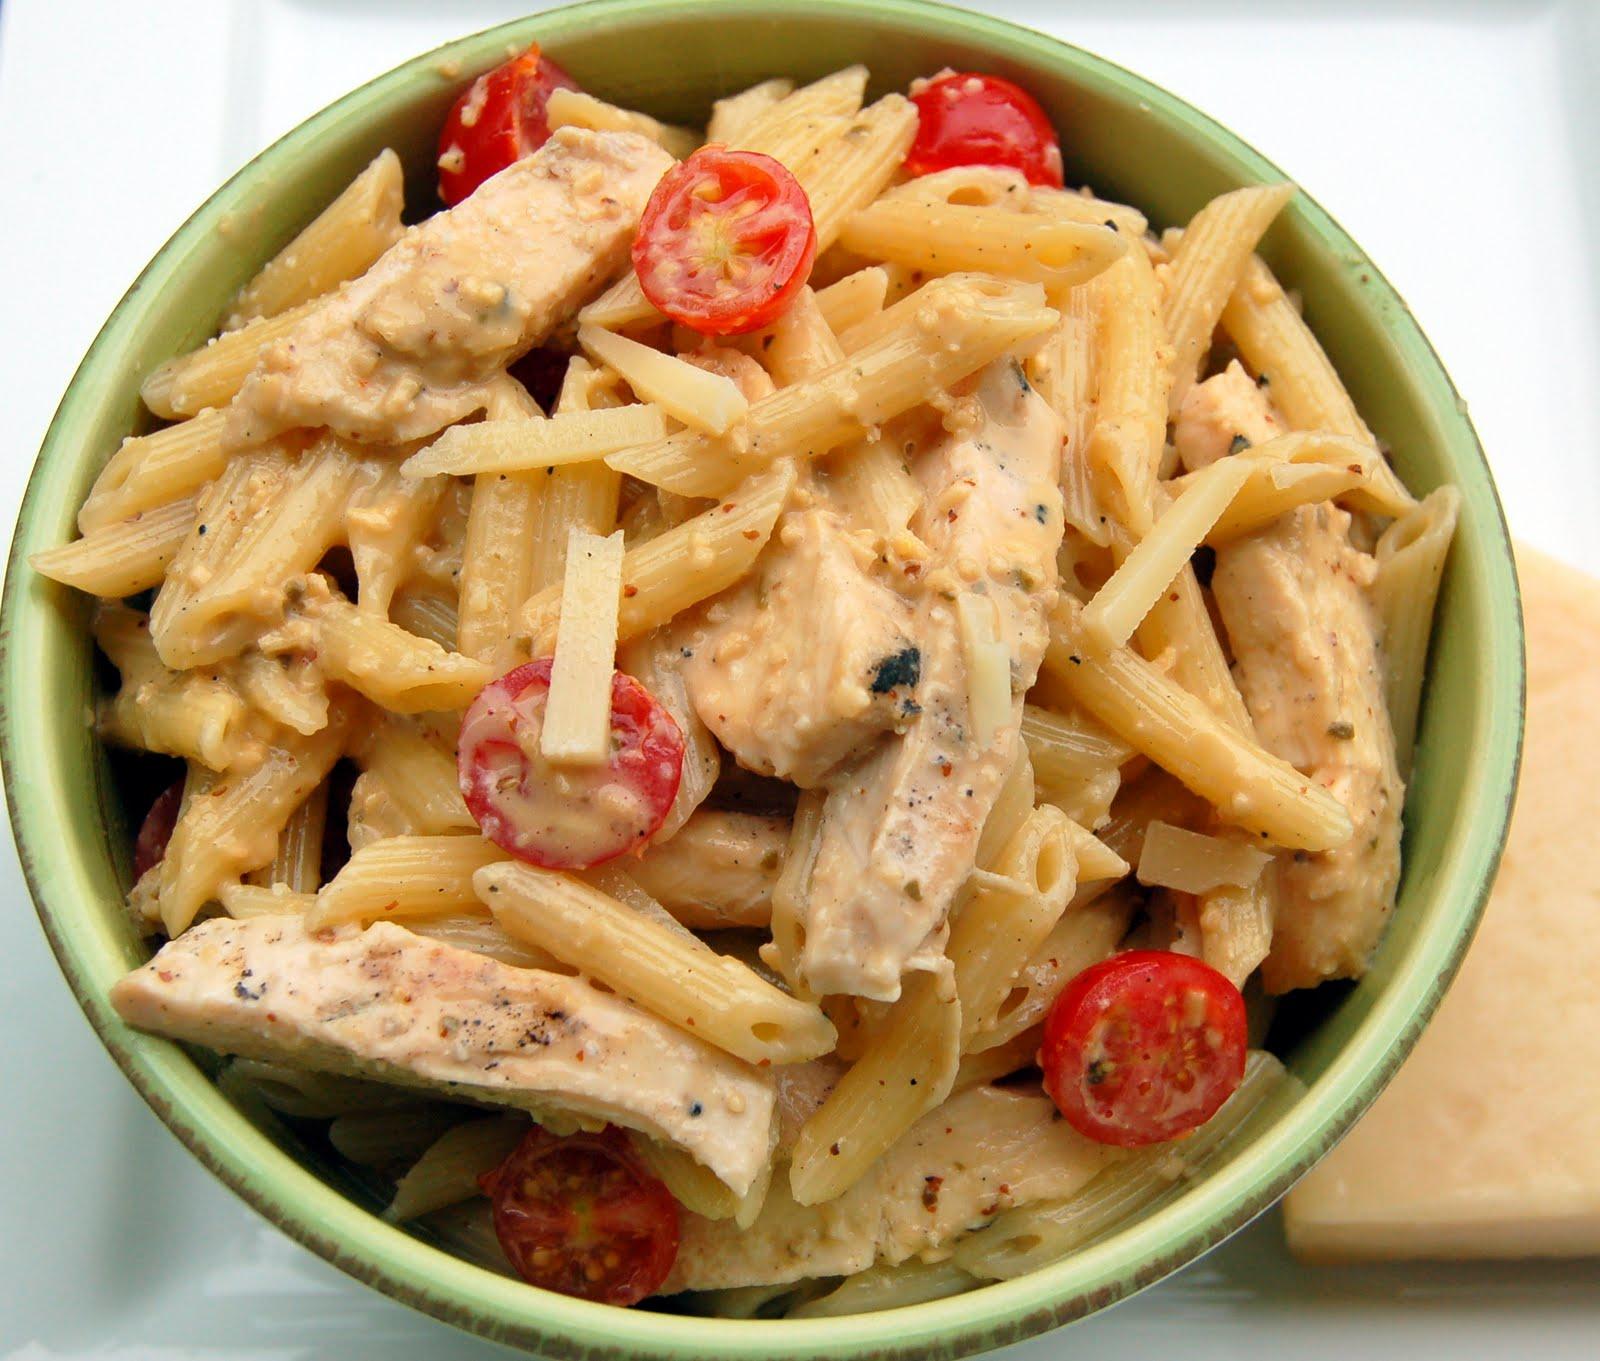 Recipe leftover pasta salad